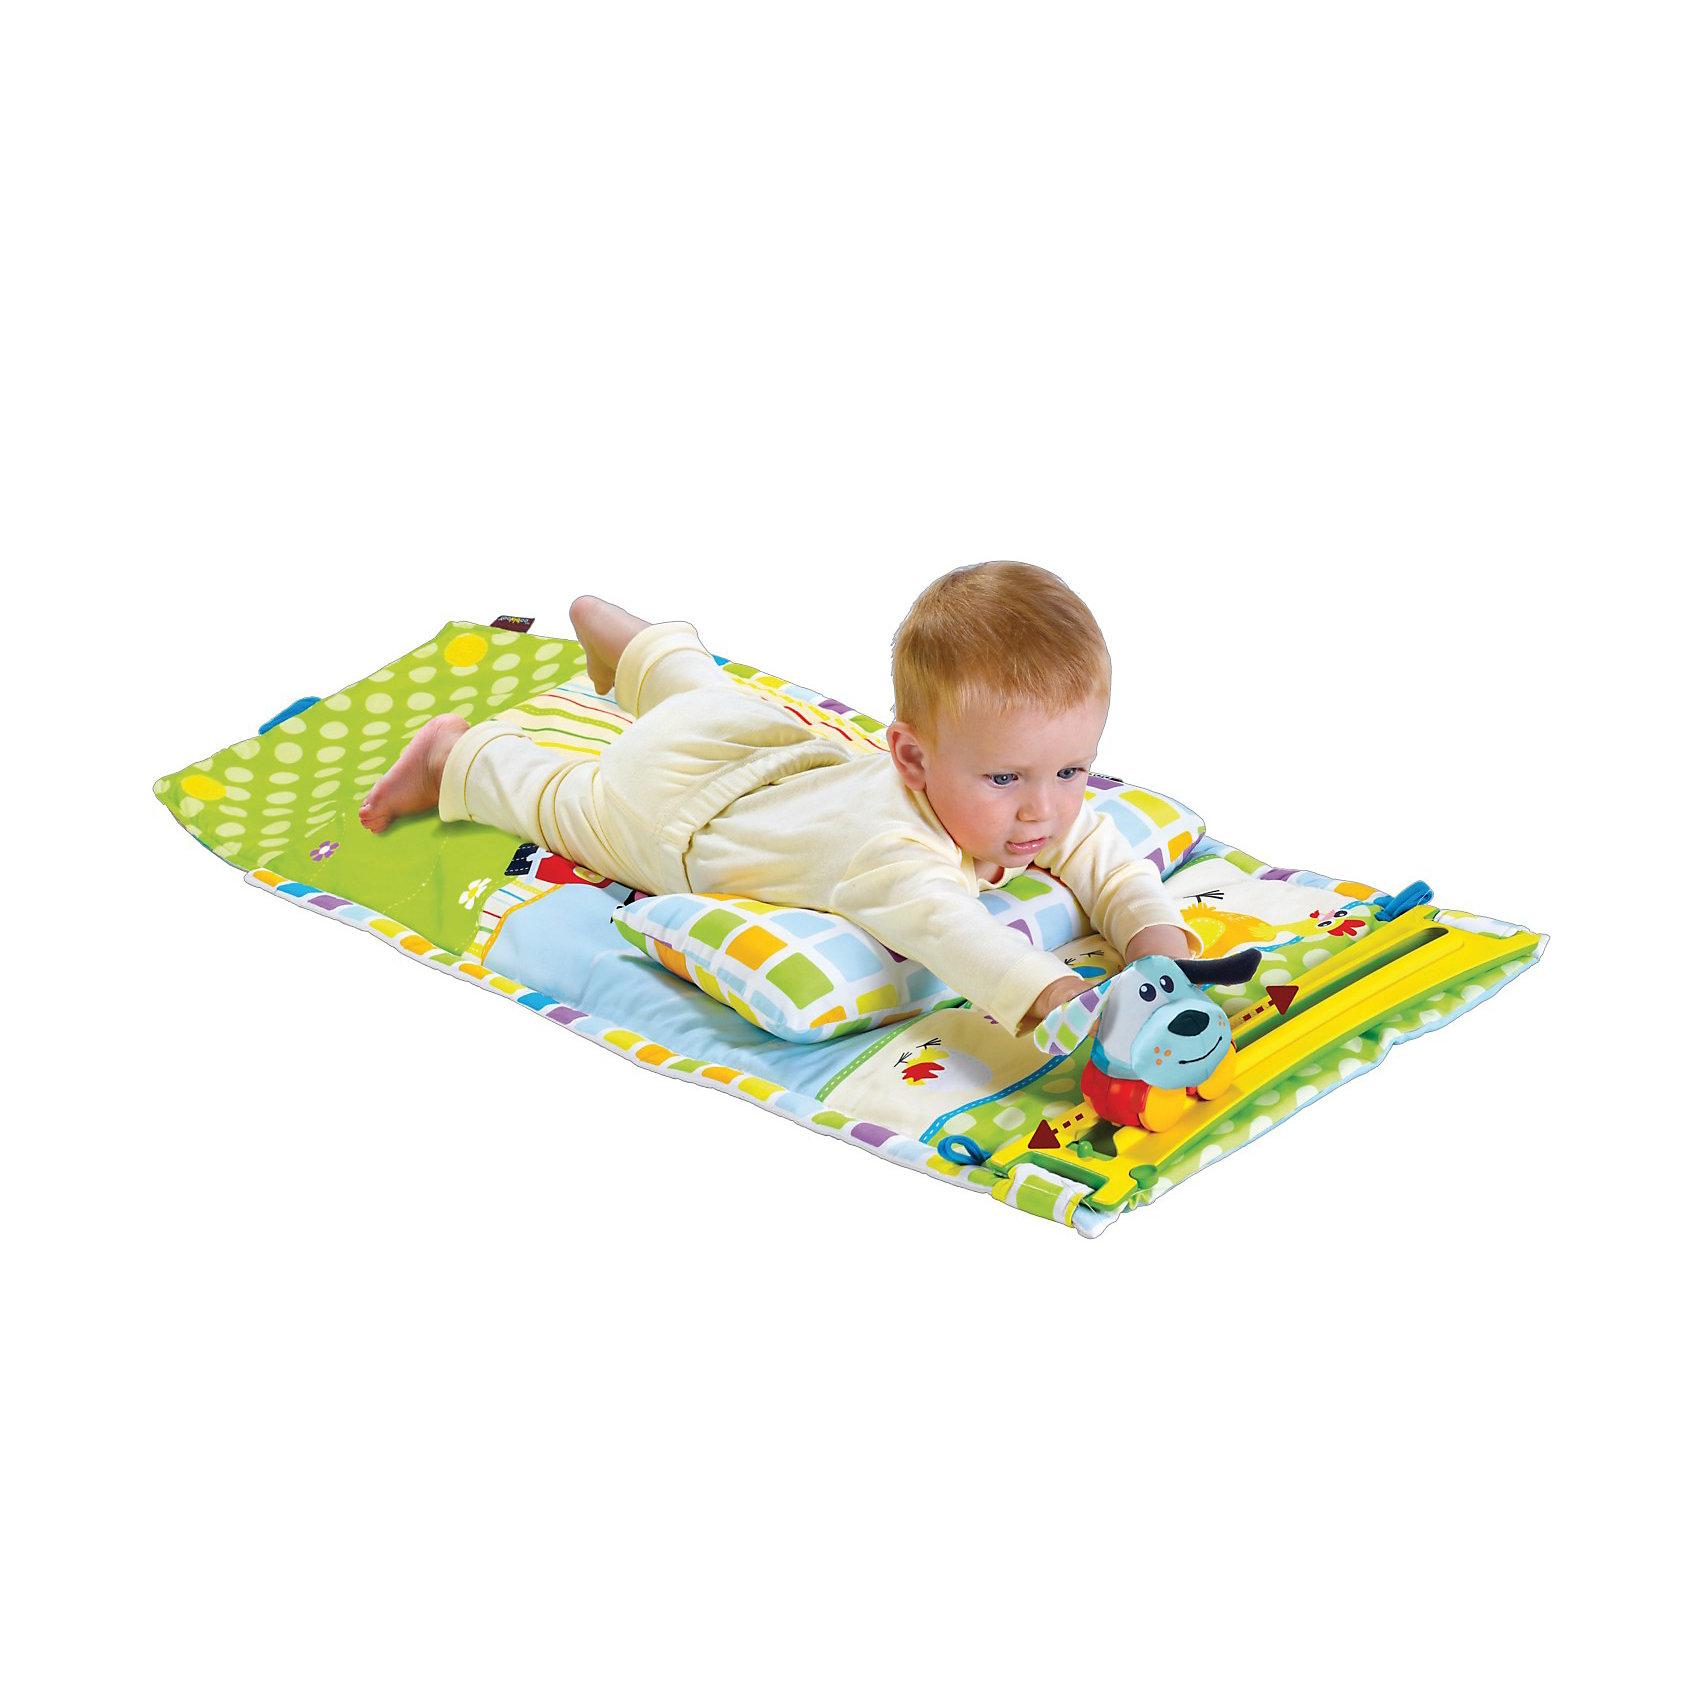 Yookidoo Коврик Маленький спортсменYookidoo Маленький спортсмен - интерактивный развивающий коврик с игрушками и музыкальным сопровождением, который обязательно понравится вашему малышу!<br><br>Коврик прекрасно подходит для детей, которые уже вышли из пеленочного возраста и могут играть как лежа, так и сидя.<br>Во время своих игр малыш сможет постоянно упражняться: и когда играет с мягкими игрушками и машинкой (они входят в комплект), и когда следит за перемещением машинки по дорожке, поворачивая голову и корпус тела вправо-влево! Незаметно для самого себя, малыш развивает и укрепляет мышцы всего своего тела, развивает периферийное зрение.<br><br>Коврик имеет два музыкальных режима, каждый по 10 минут: 1 - для релаксации и 2 - для стимуляции. Также есть бесшумный режим.<br><br><br><br>Дополнительная информация:<br><br>- Предназначен для игры сидя и/или на животе.<br>- В комплект входит: большой мат, съемная дорожка, 2 мягкие игрушки (корова и собака), машинка (на батарейках). <br>- Машинка работает от батареек и двигается по дорожке влево-вправо.<br>- Во время игры можно включить/выключить музыкальное сопровождение.<br>- 2 музыкальных режима:  для расслабления и стимуляции, каждый по 10 минут. <br>- Коврик удобно складывается для транспортировки.<br>- Коврик снабжен большим карманом для мелочей<br>- Выполнен из высококачественных гипоаллергенных материалов, абсолютно безопасных для здоровья малыша.<br>- Разрешена стирка при температуре не  более  30 градусов.<br><br>Ширина мм: 800<br>Глубина мм: 105<br>Высота мм: 510<br>Вес г: 1270<br>Возраст от месяцев: 3<br>Возраст до месяцев: 12<br>Пол: Унисекс<br>Возраст: Детский<br>SKU: 3109935